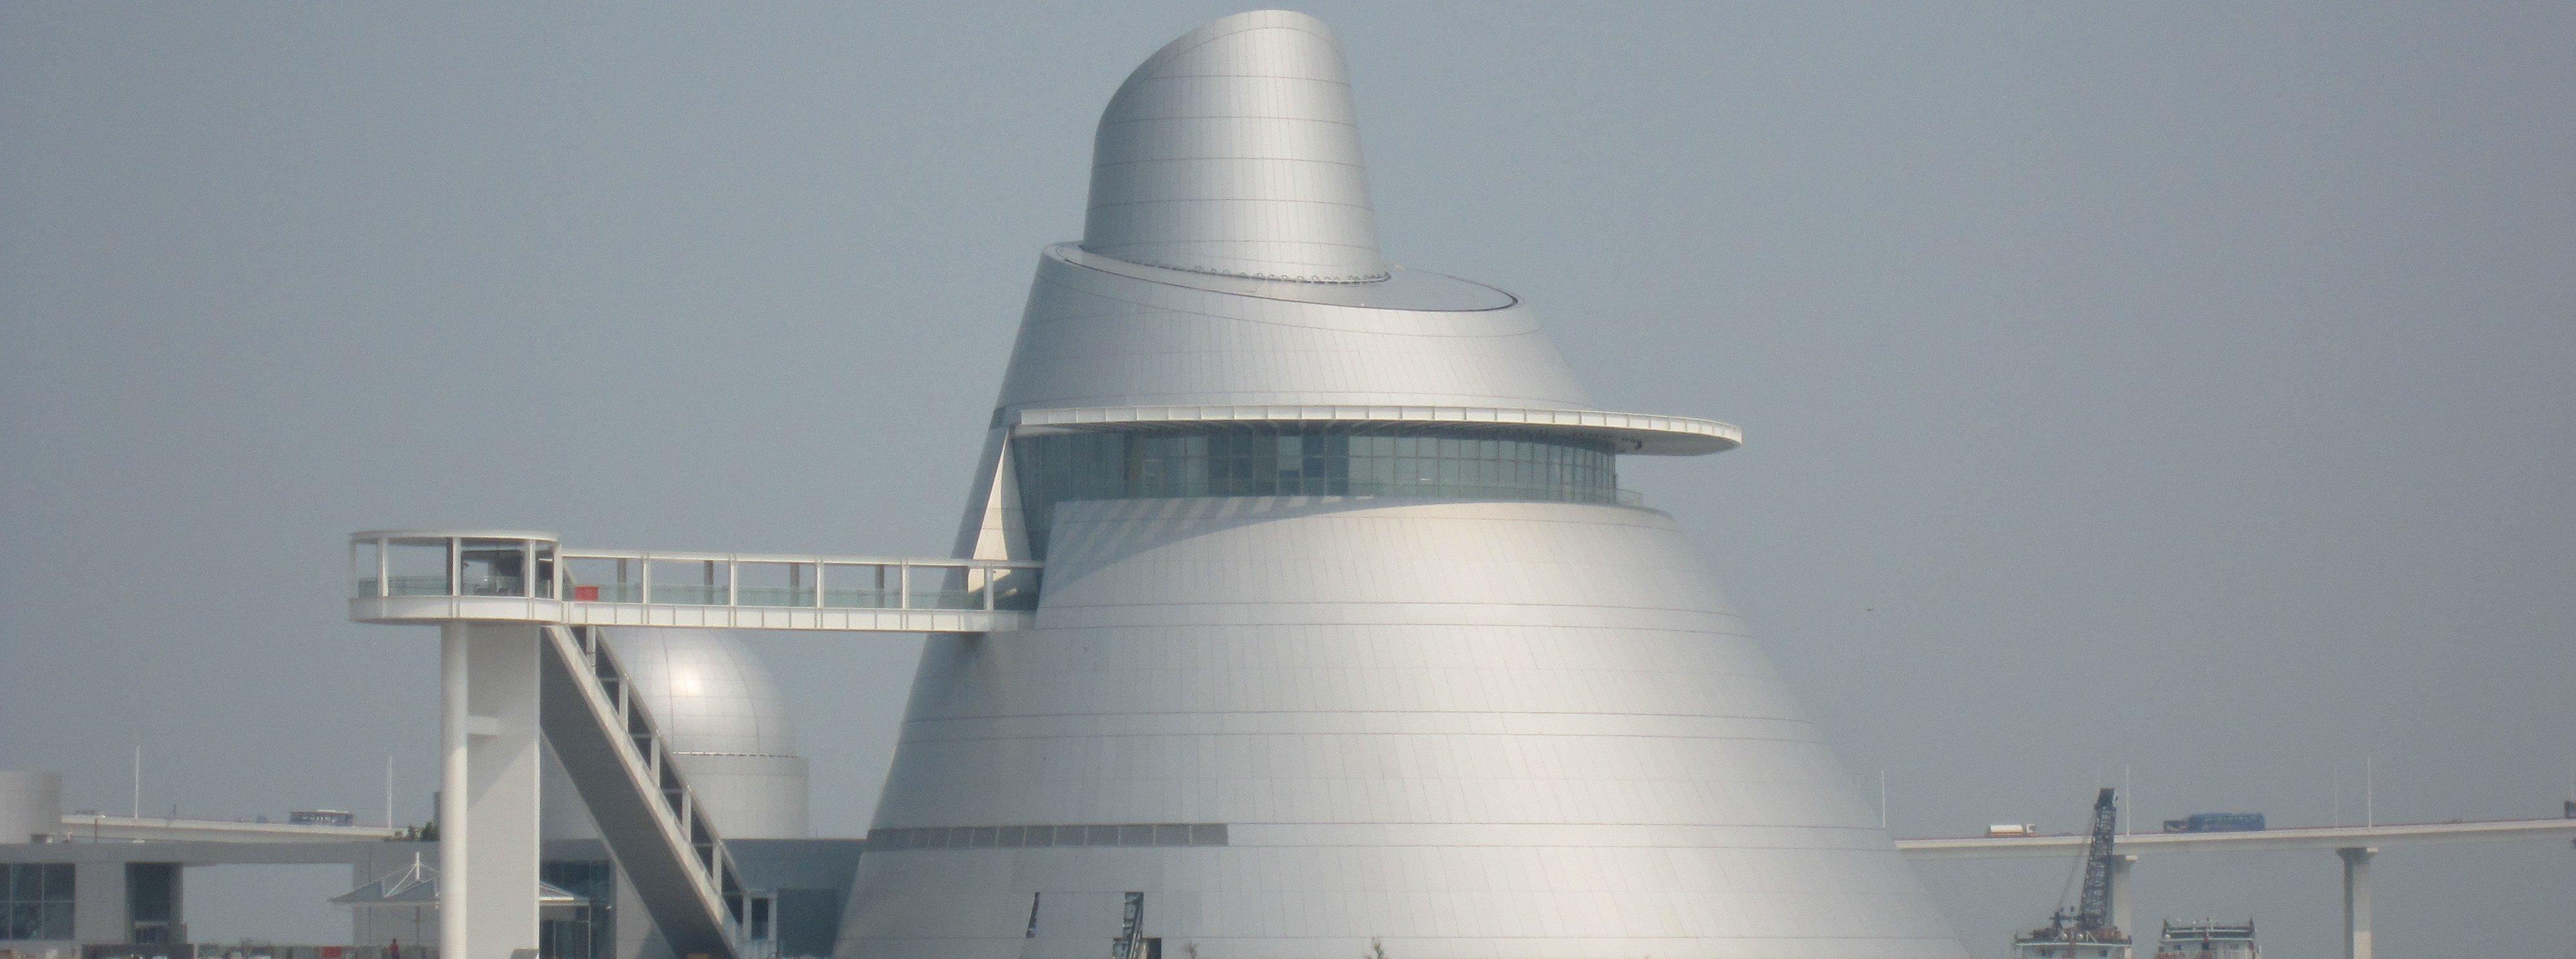 Famous Architects Futuristic Architecture Design